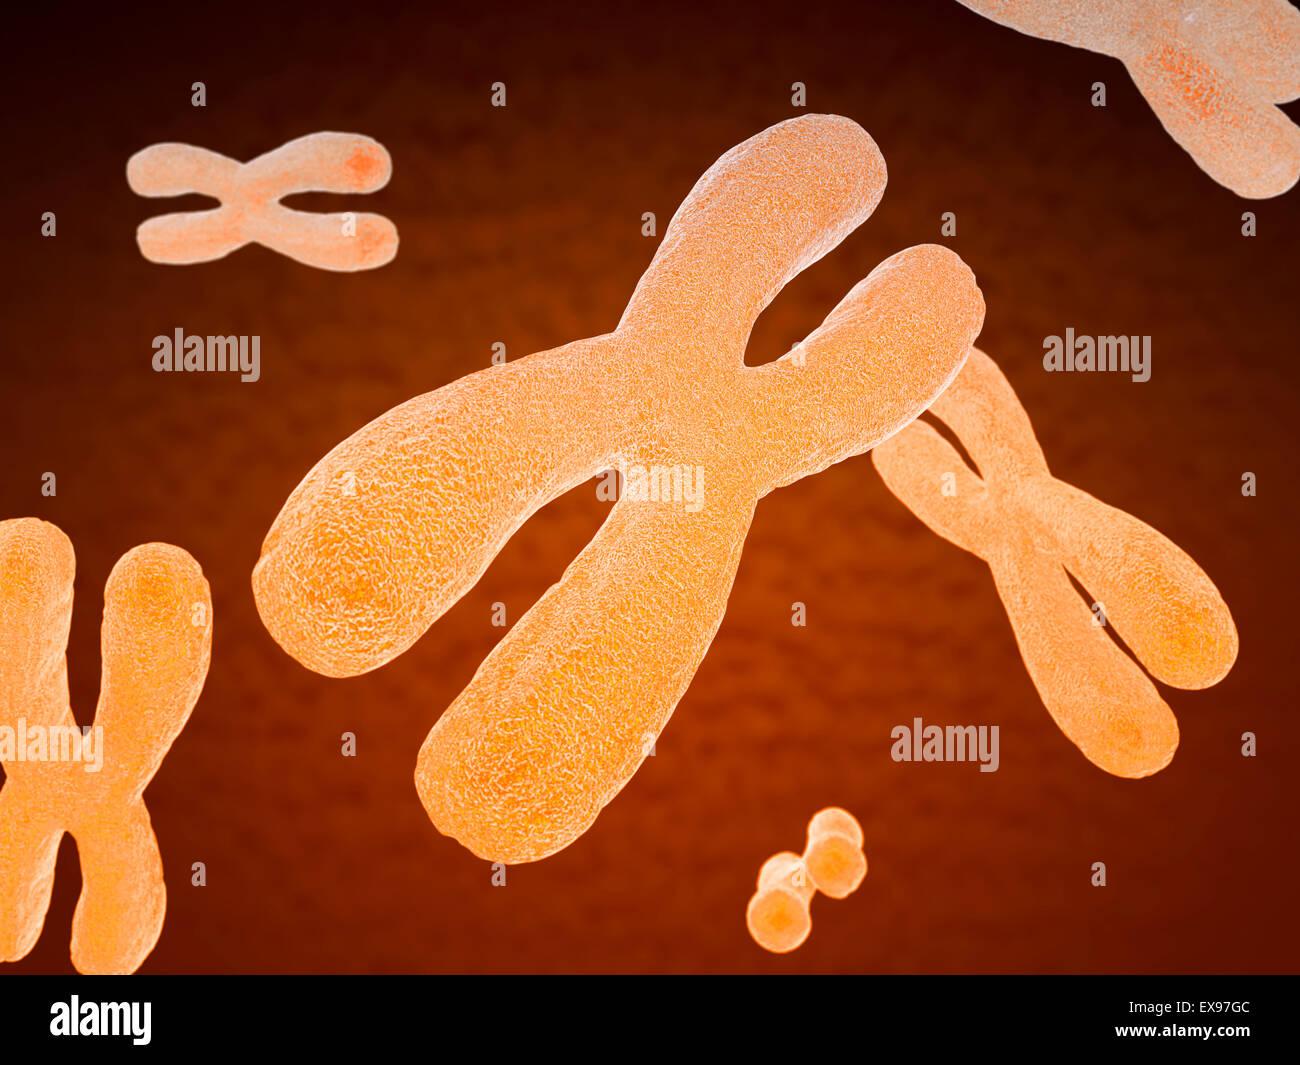 Illustrazione di cromosomi. Immagini Stock